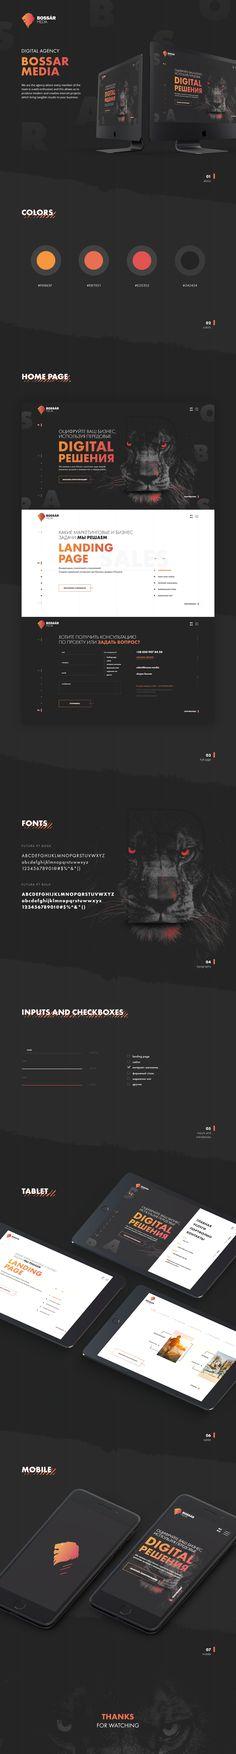 Bossar Media - Website